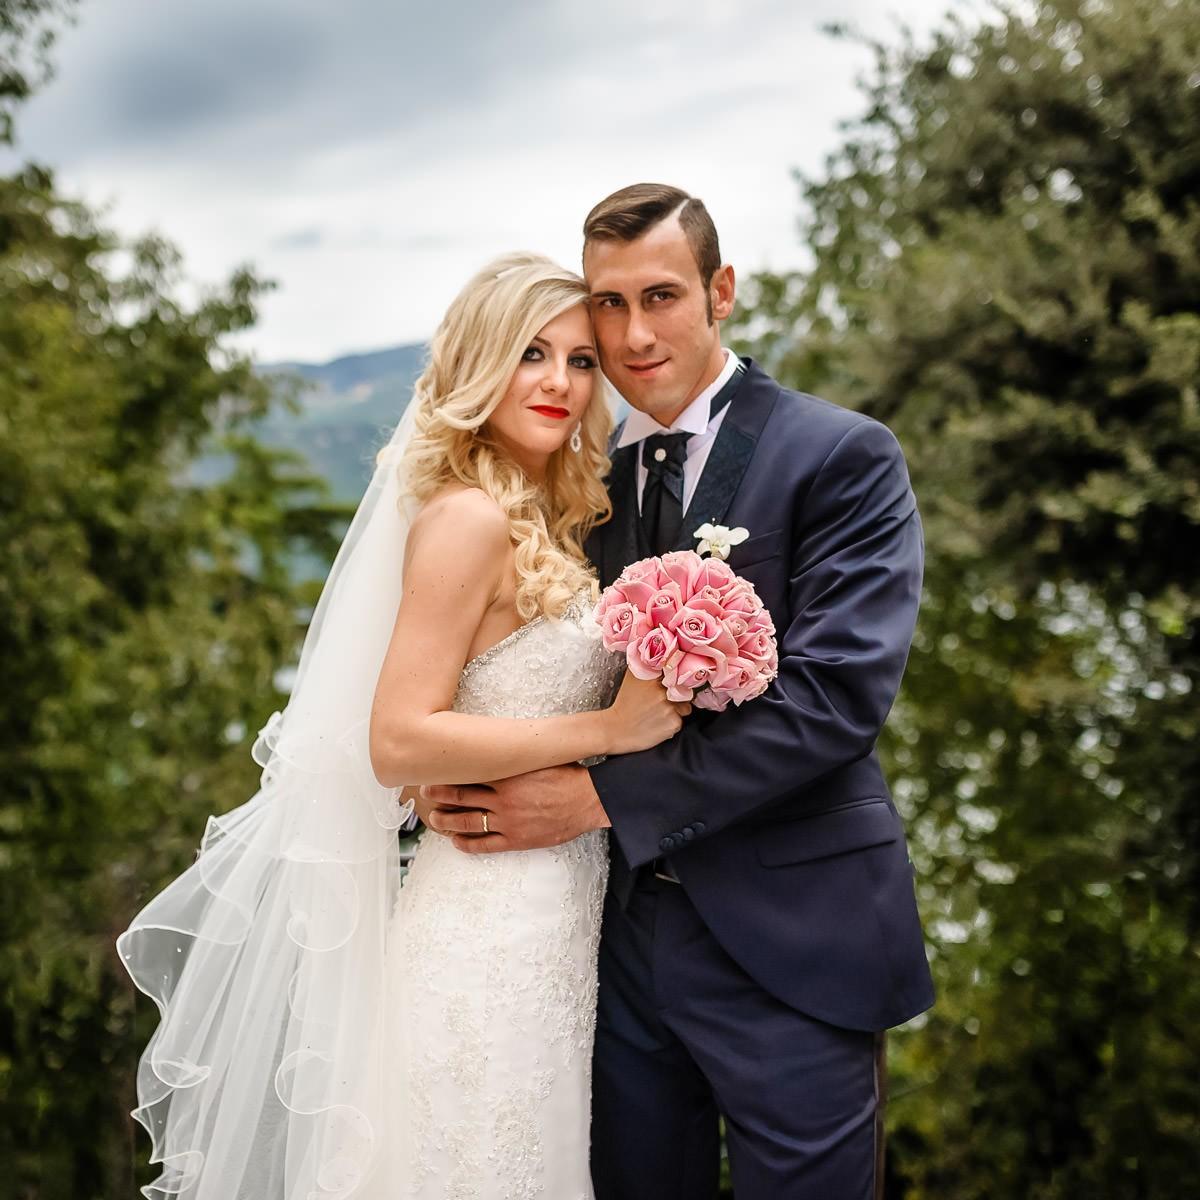 fotograf na slub wesele w rzymie fotogenesis 180